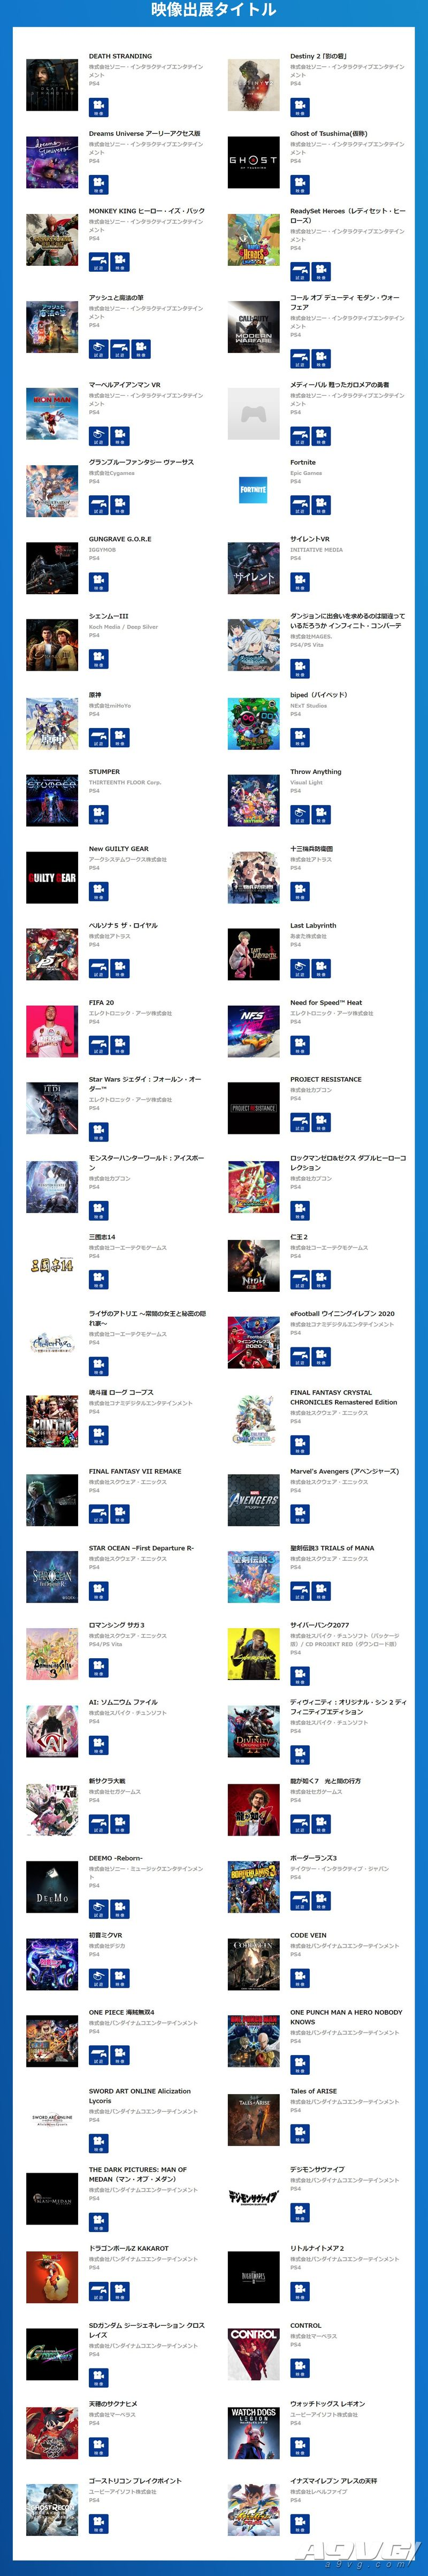 SIE公开TGS2019出展游戏阵容 FF7R仁王2对马岛之魂等